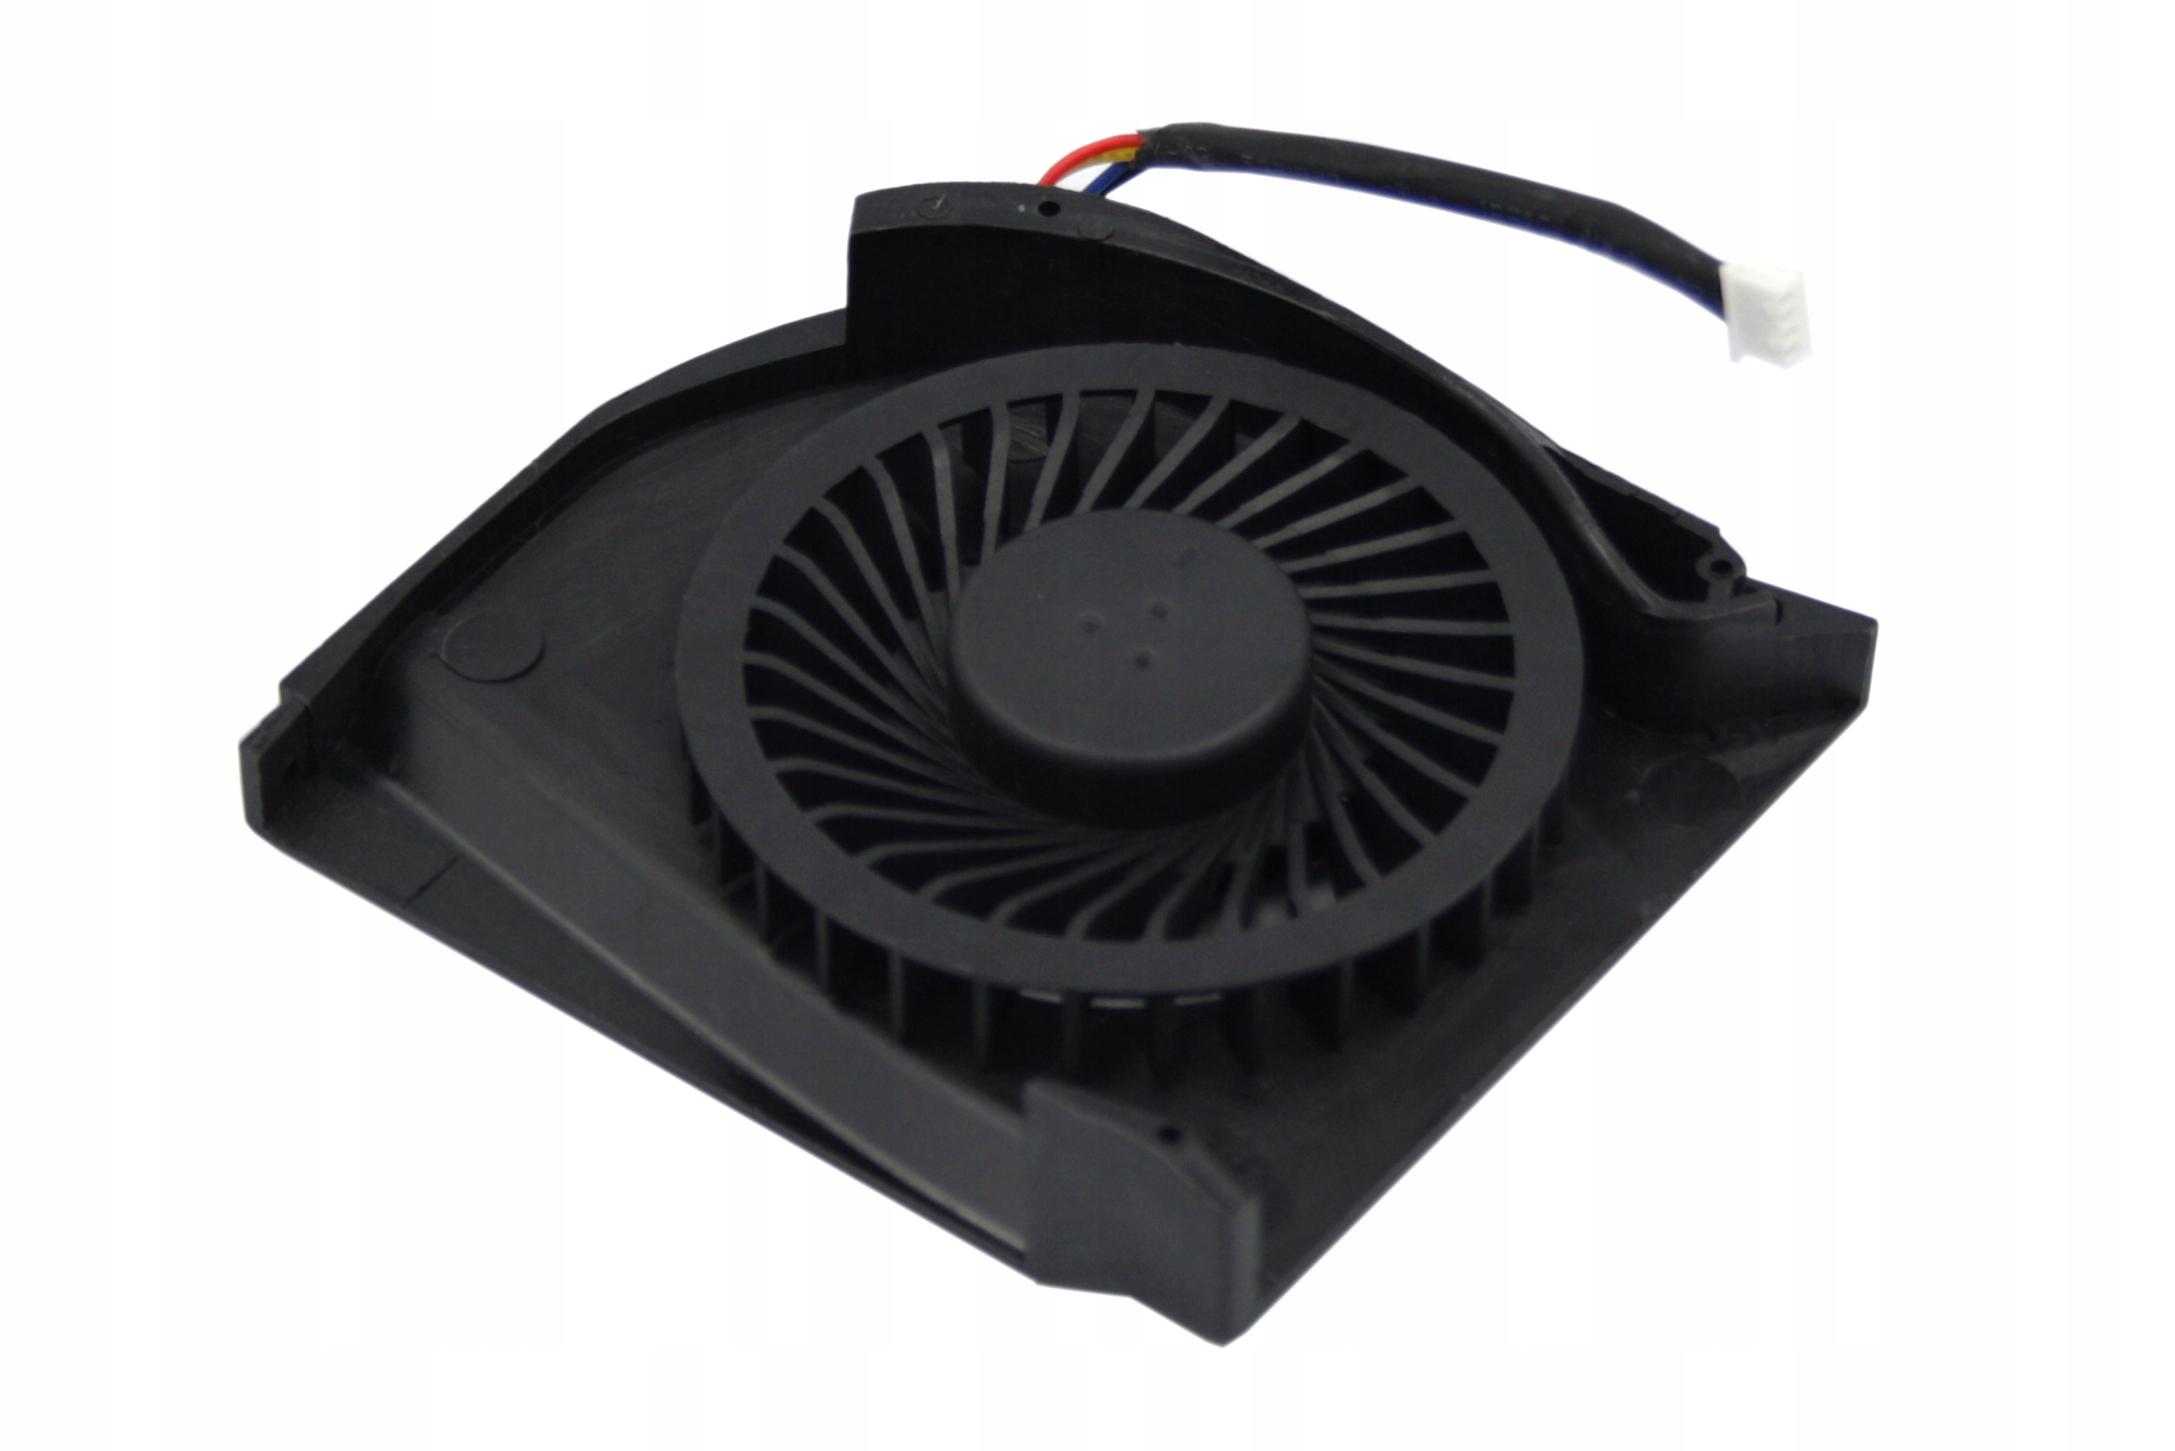 WENTYLATOR CHŁODZENIE WIATRAK HP PAVILION DV6300 DV6000 DV6500 DV6600 DV6700 - Wentylatory i radiatory